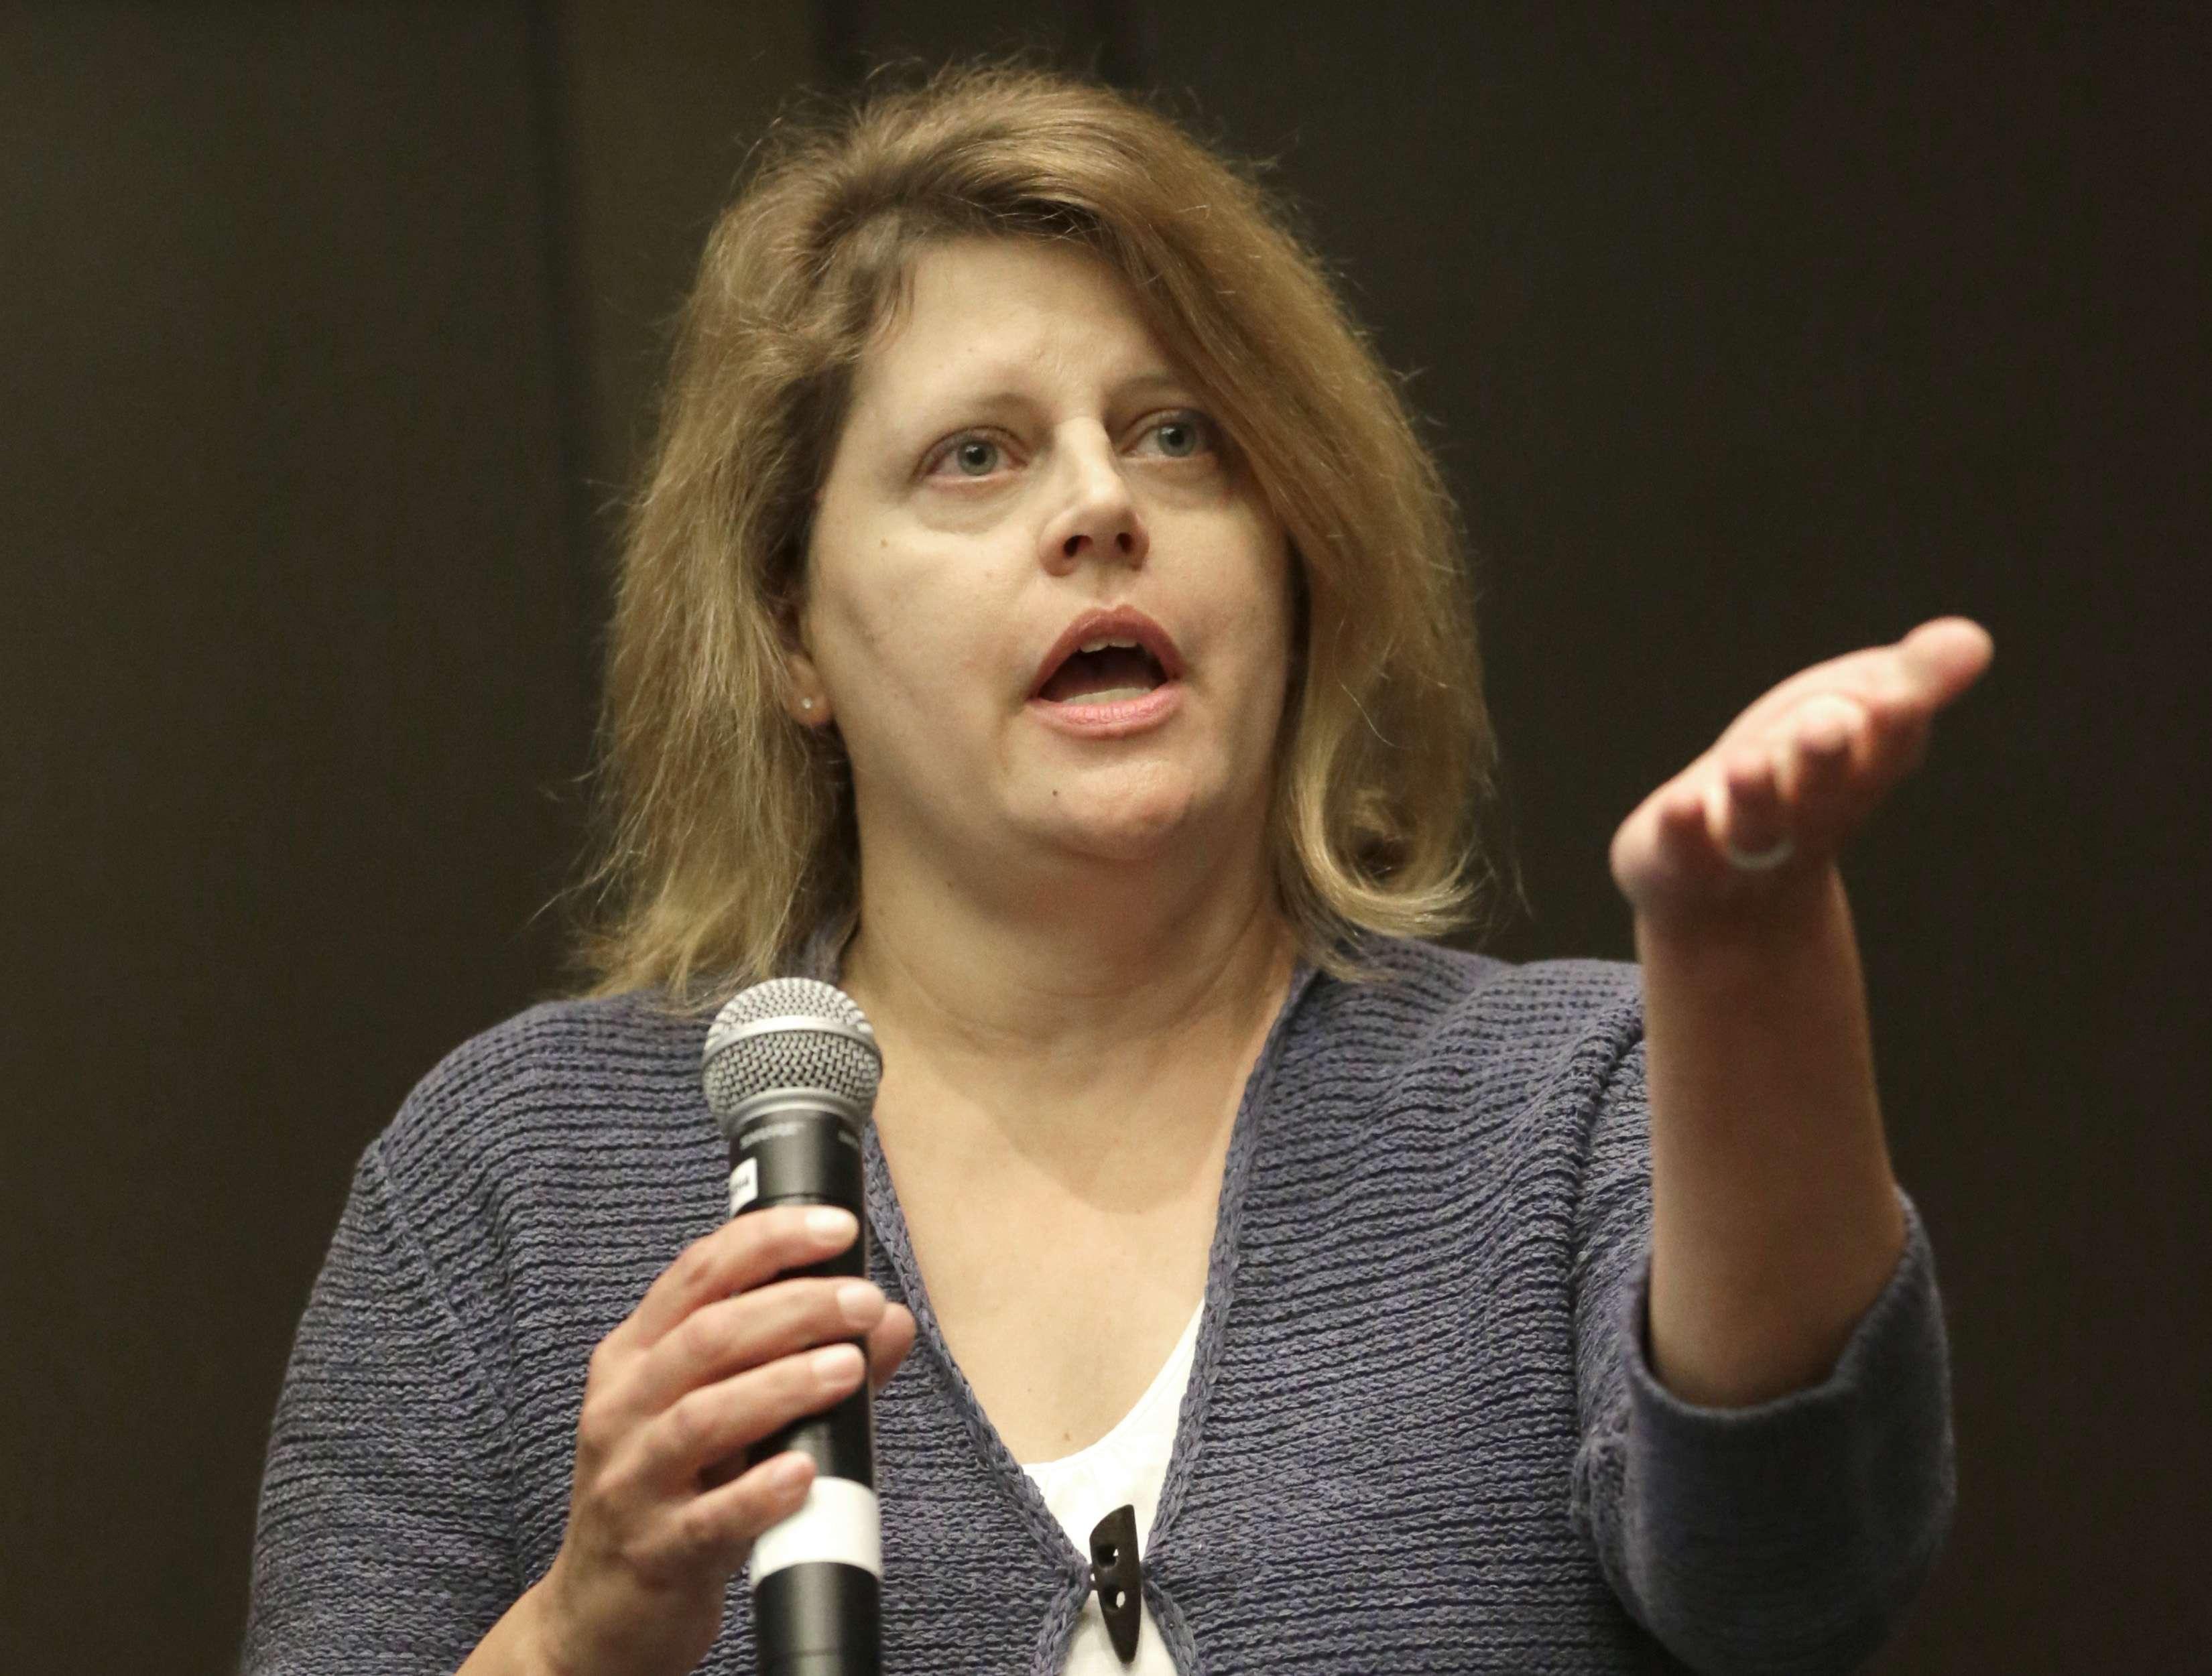 Sally Buzbee, jefa de la oficina de AP en Washington, D.C., responde una pregunta durante una sesión de la conferencia de la agencia sobre el acceso de los periodistas a la Casa Blanca. Foto: AP en español